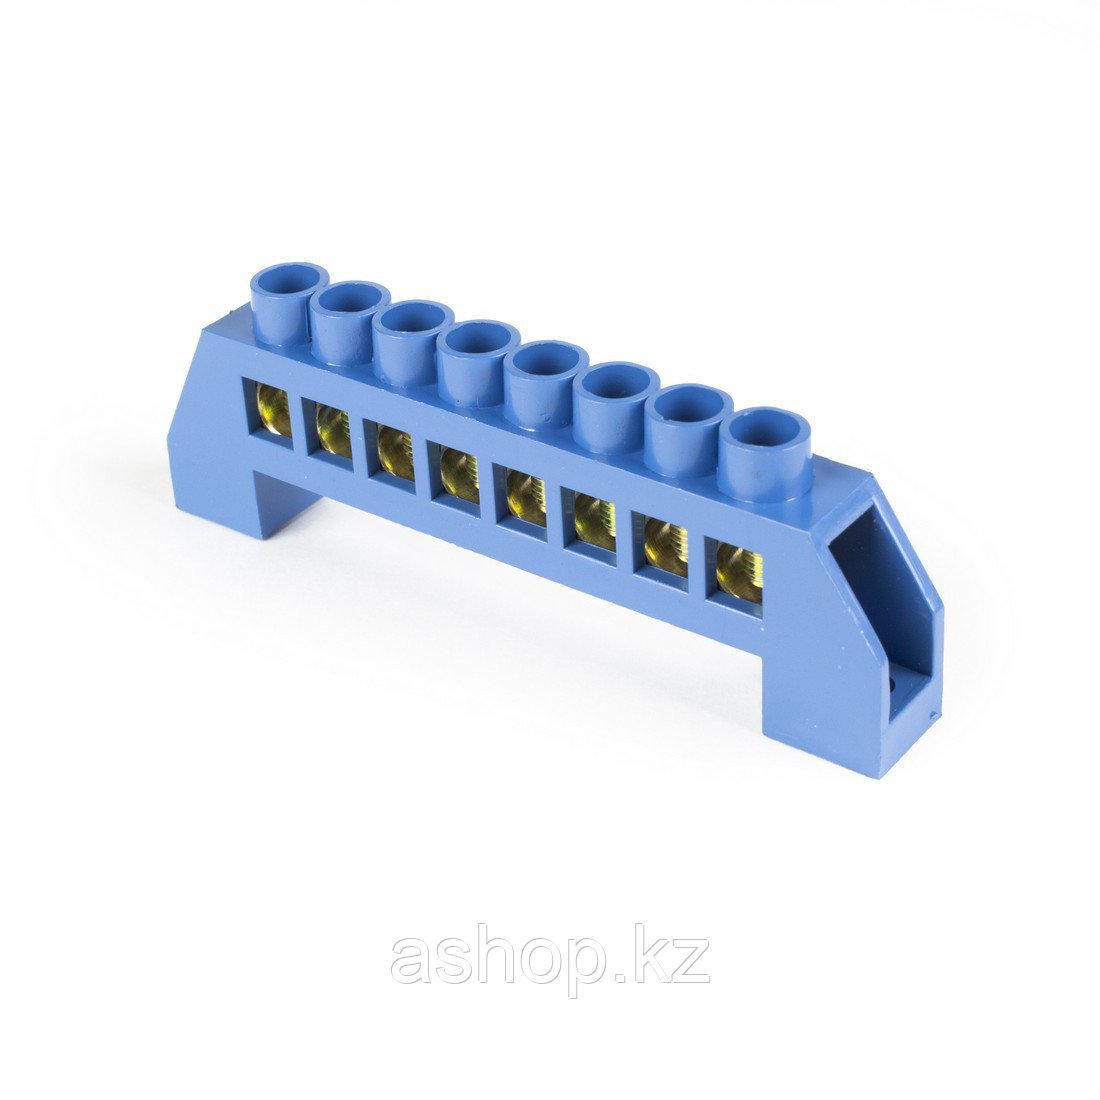 Шина нулевая изолированная Deluxe TS-0812С/8, Кол-во групп:8, Крепление: на изоляторах, Соединение: Болтовое,